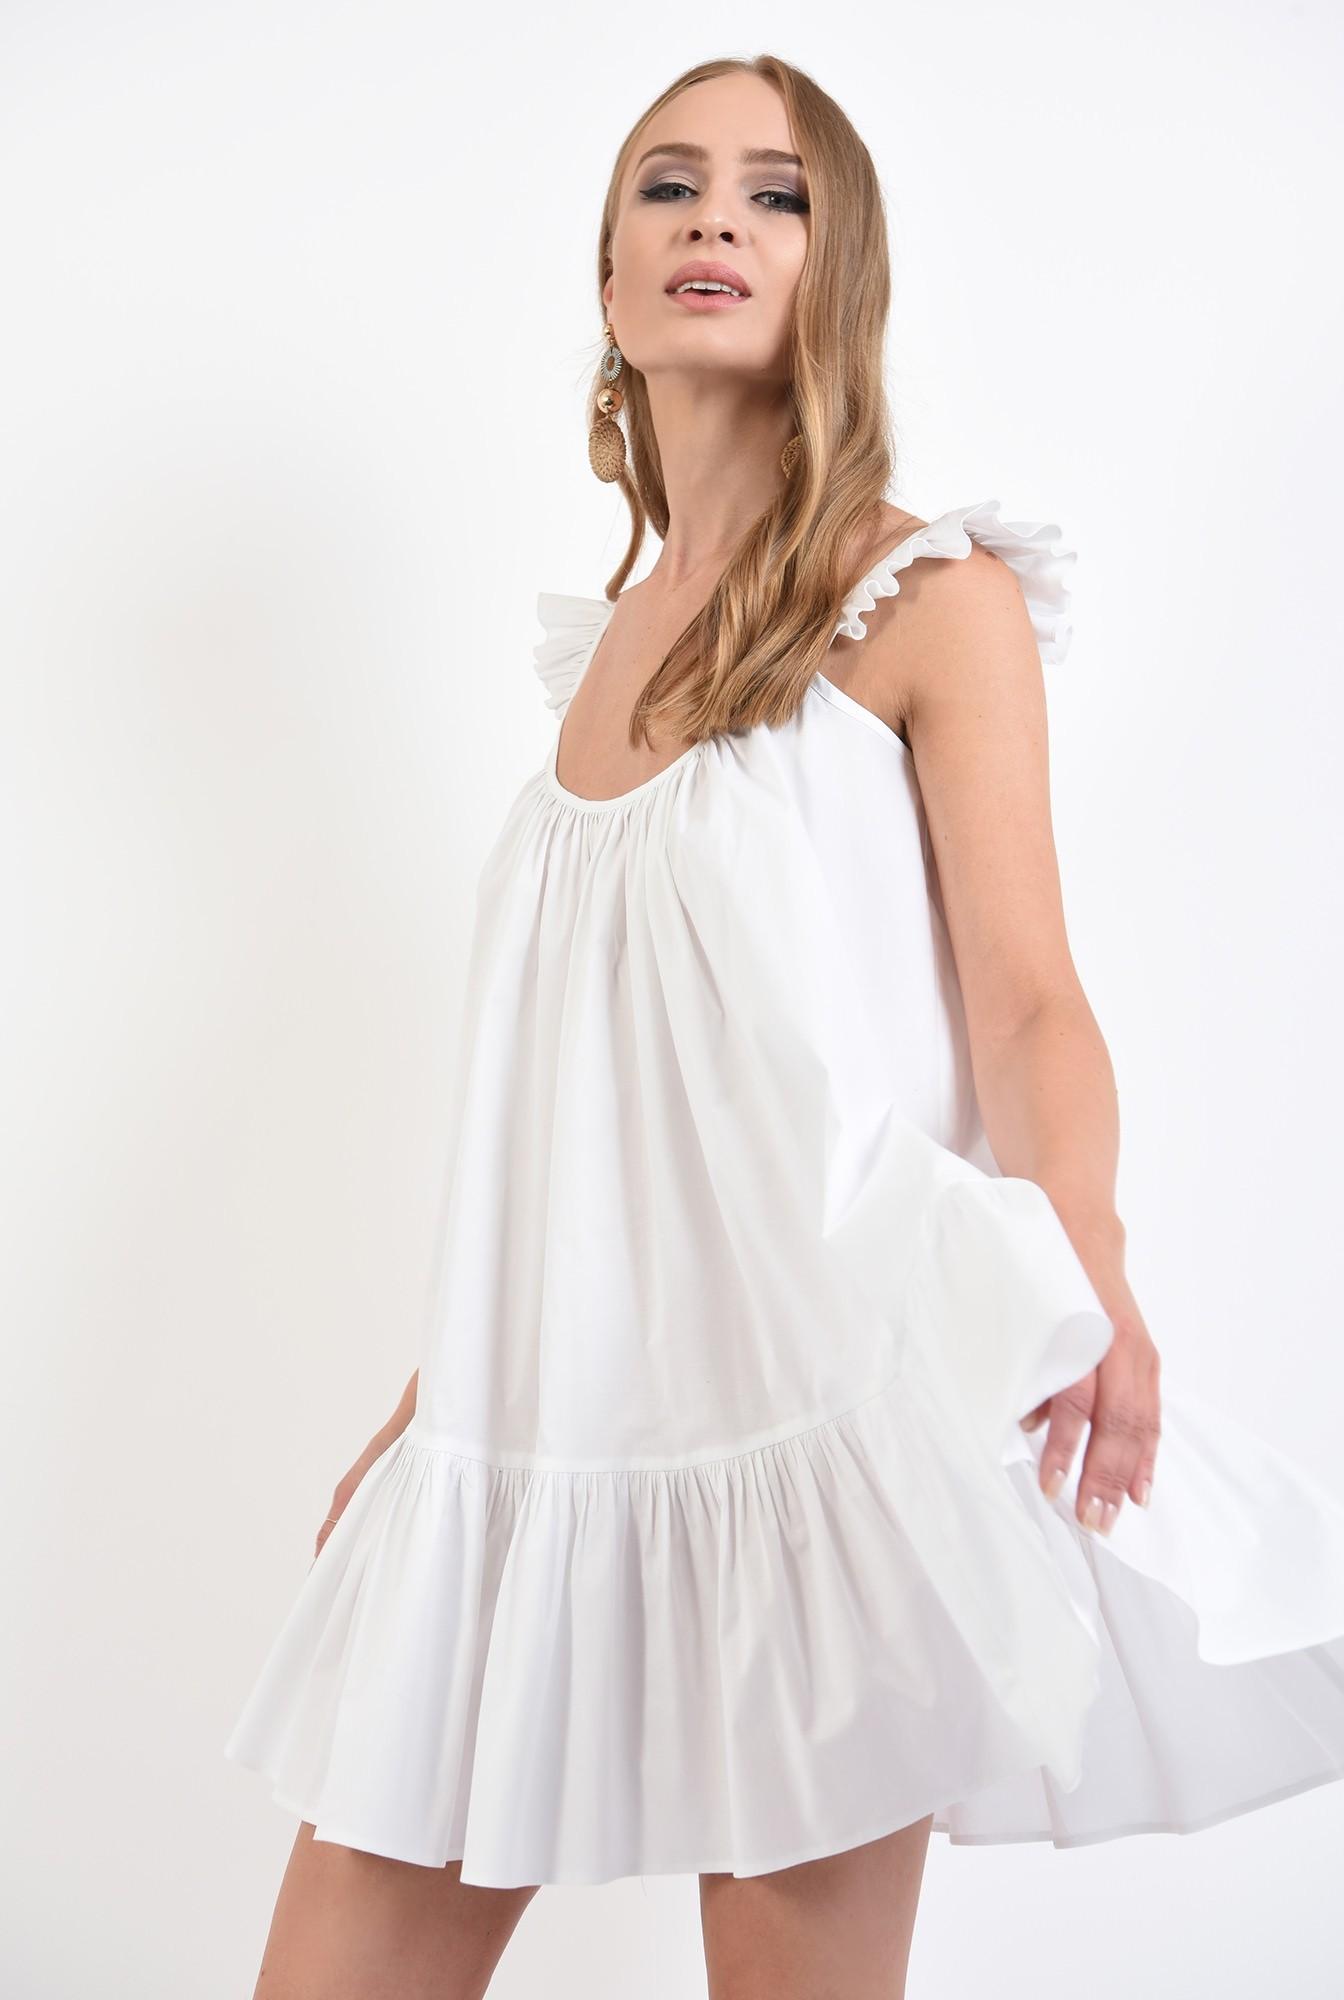 0 - 360 - rochie de vara, alba, cu volan, cu bretele, mini, Poema